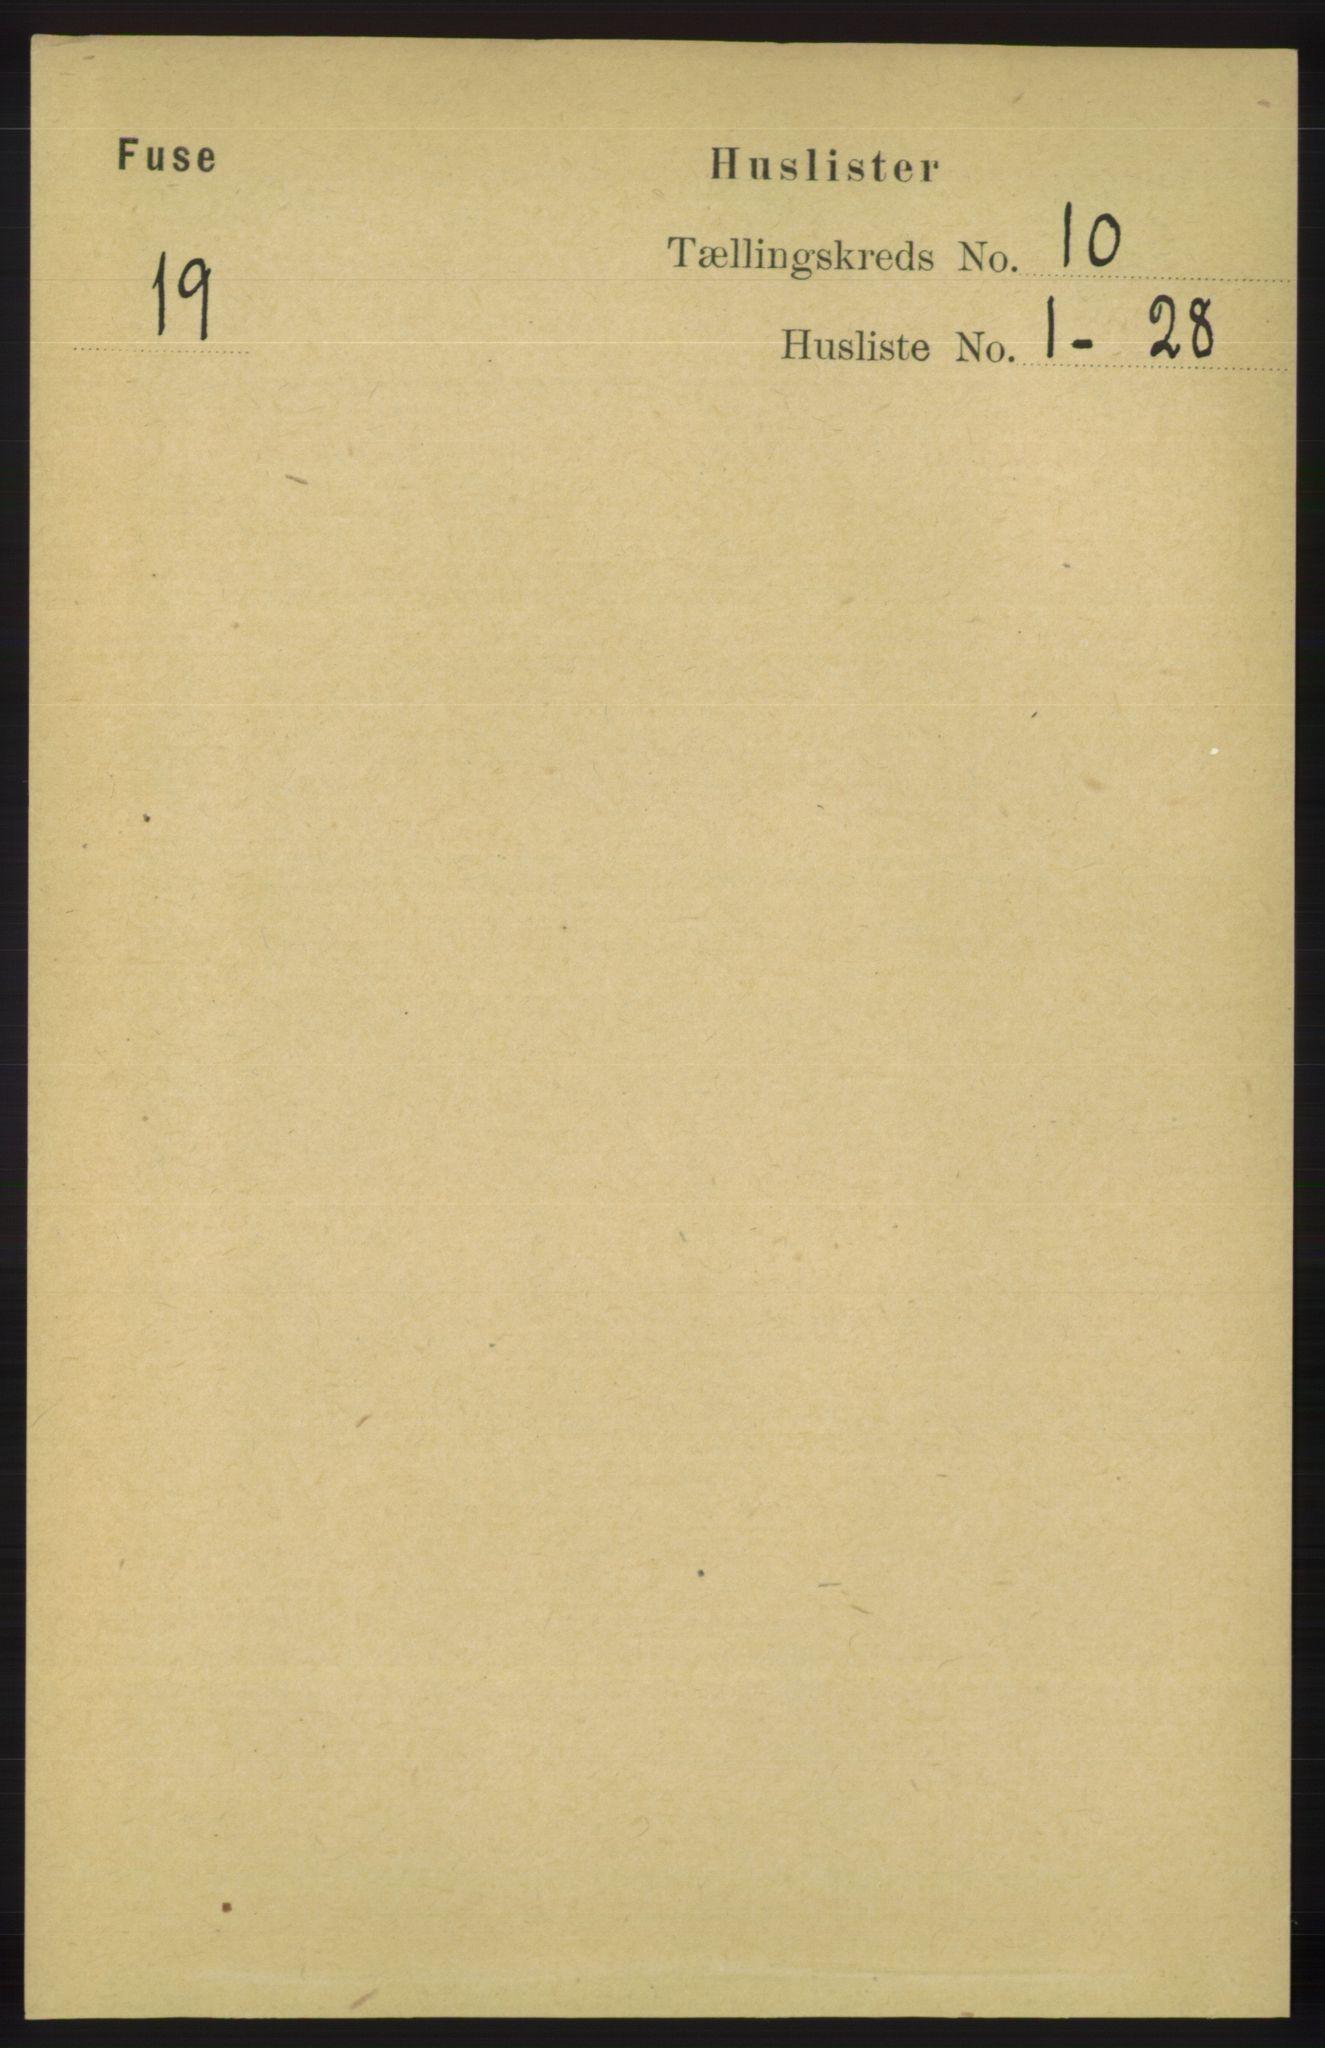 RA, Folketelling 1891 for 1241 Fusa herred, 1891, s. 1886